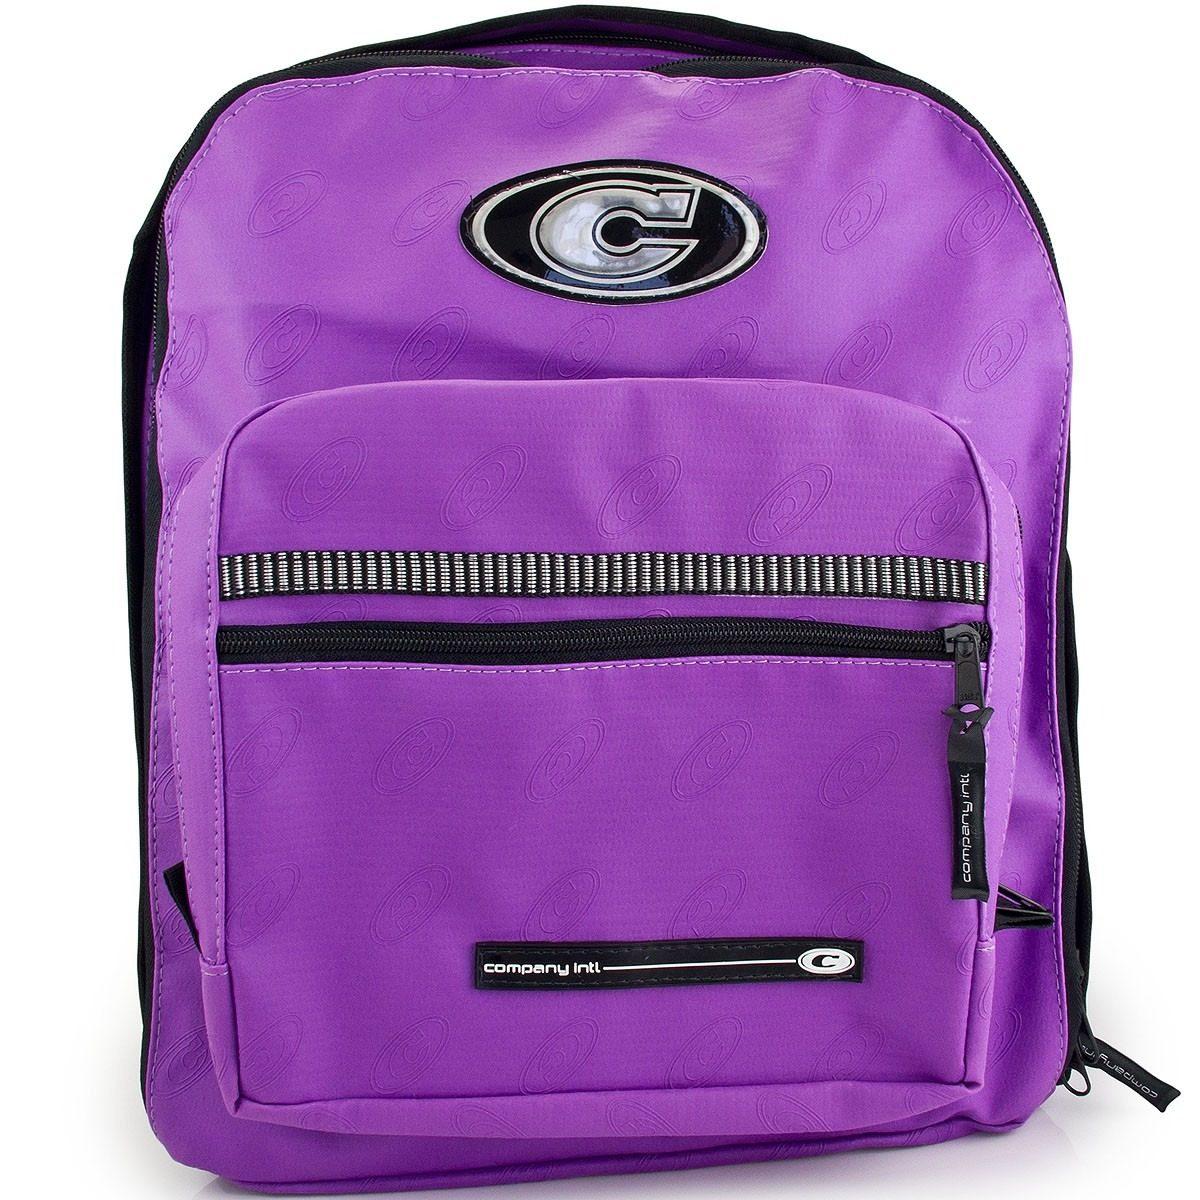 a8bf275c4 mochila company violeta impermeável emborrachada original. Carregando zoom.